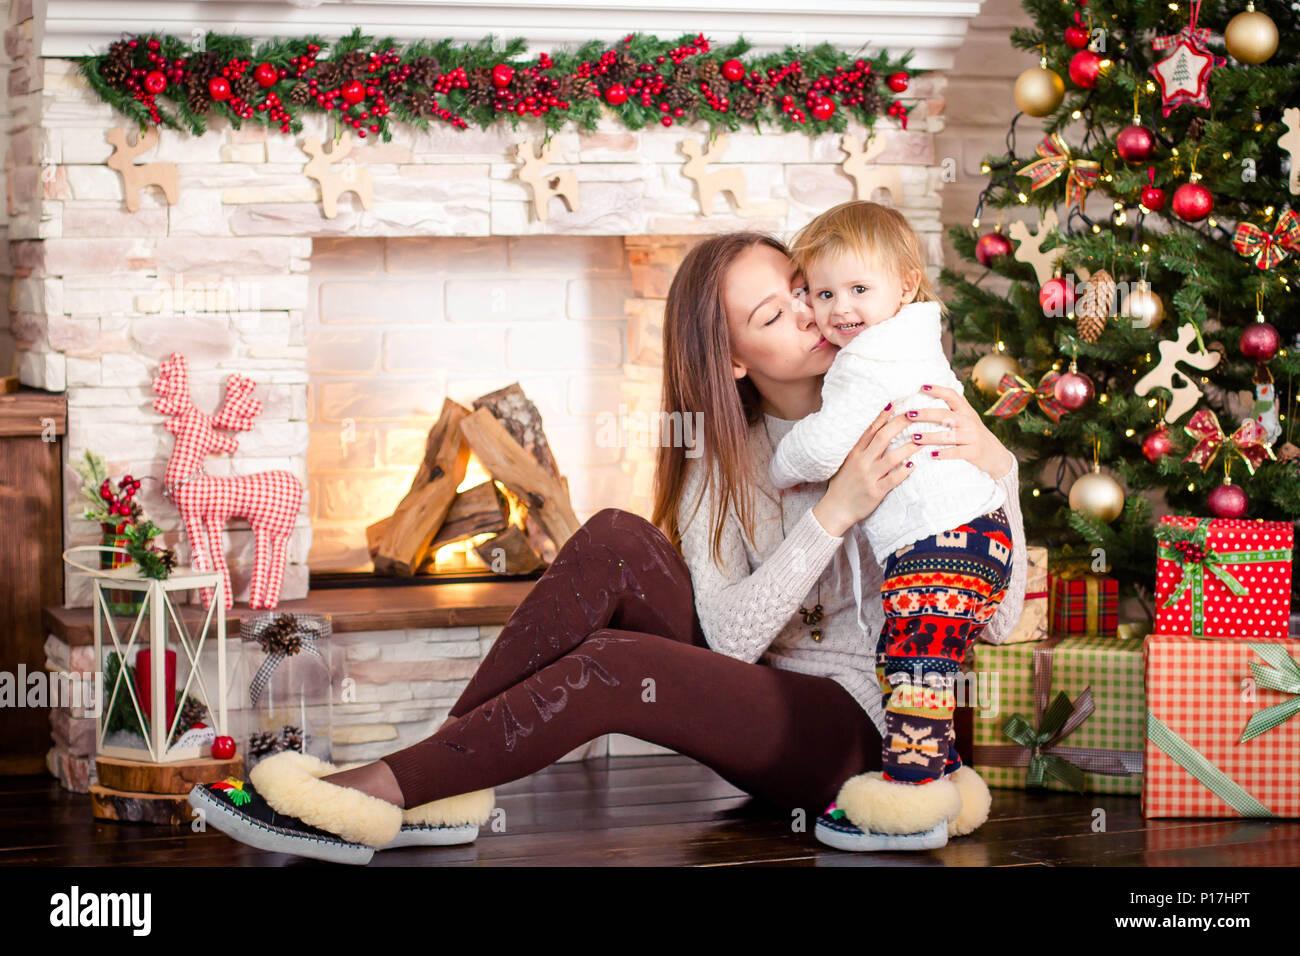 Una joven madre con una hija pequeña para sentarse cerca de la chimenea y decorado árbol de navidad. Imagen De Stock